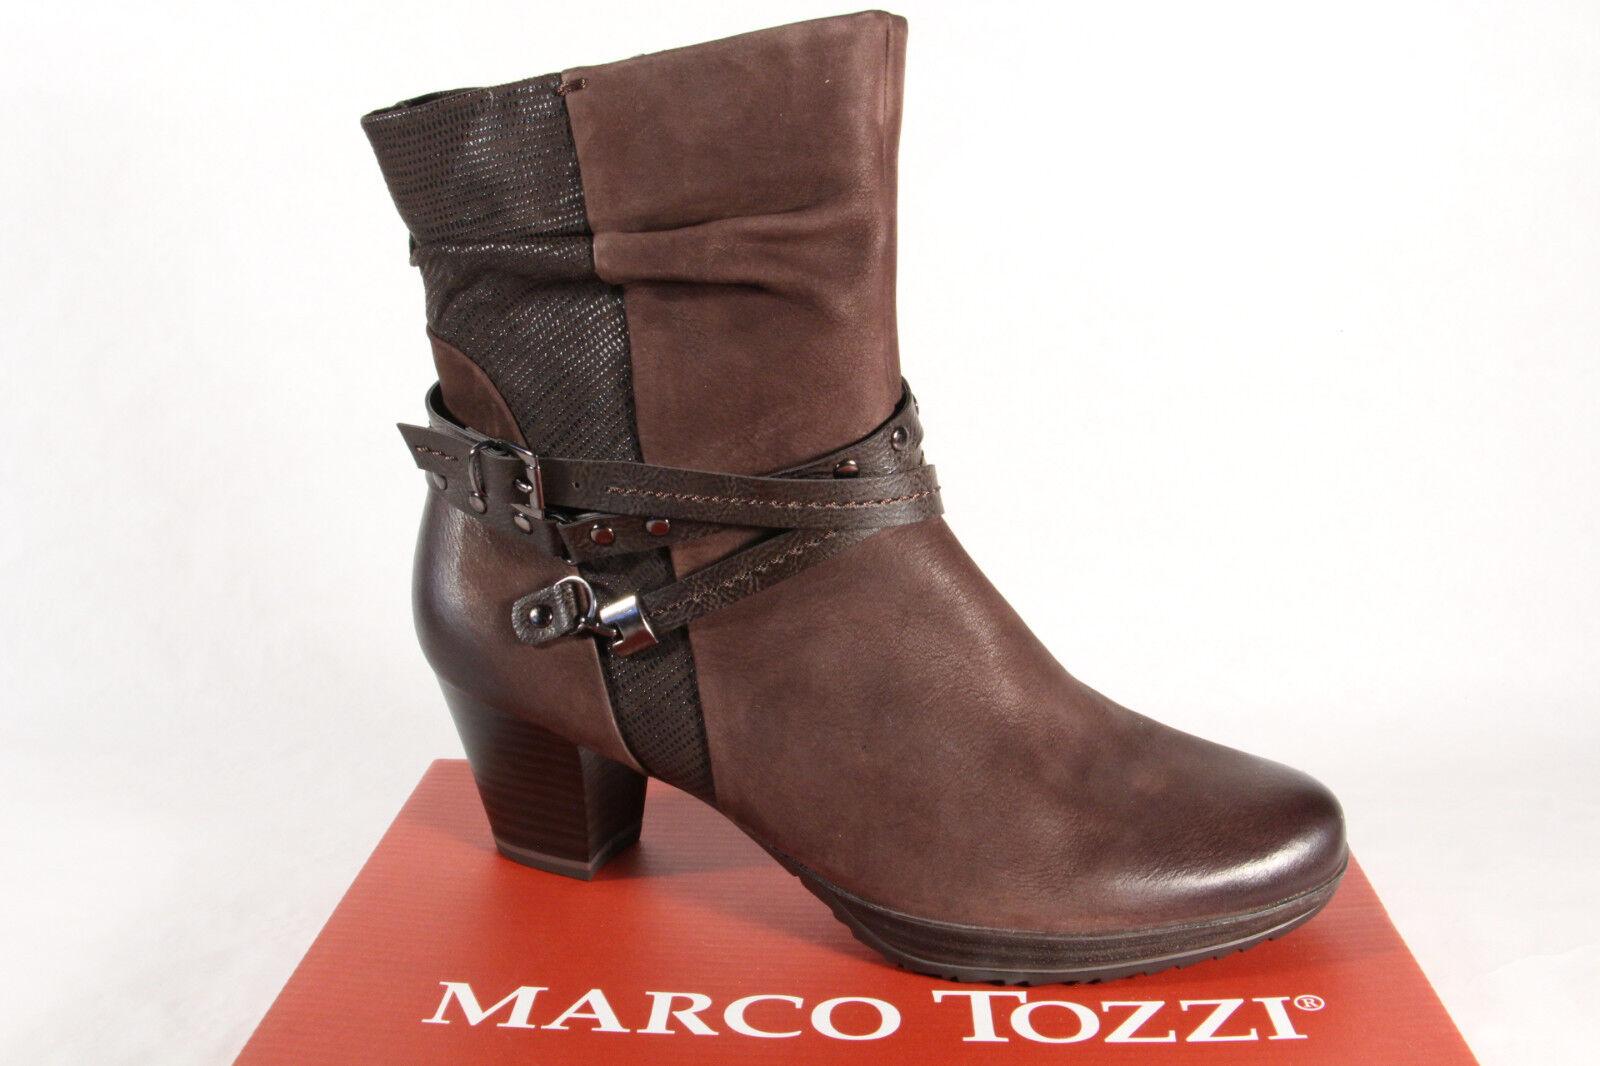 Marco Tozzi señora botas botines botas de cuero genuino marrón nuevo!